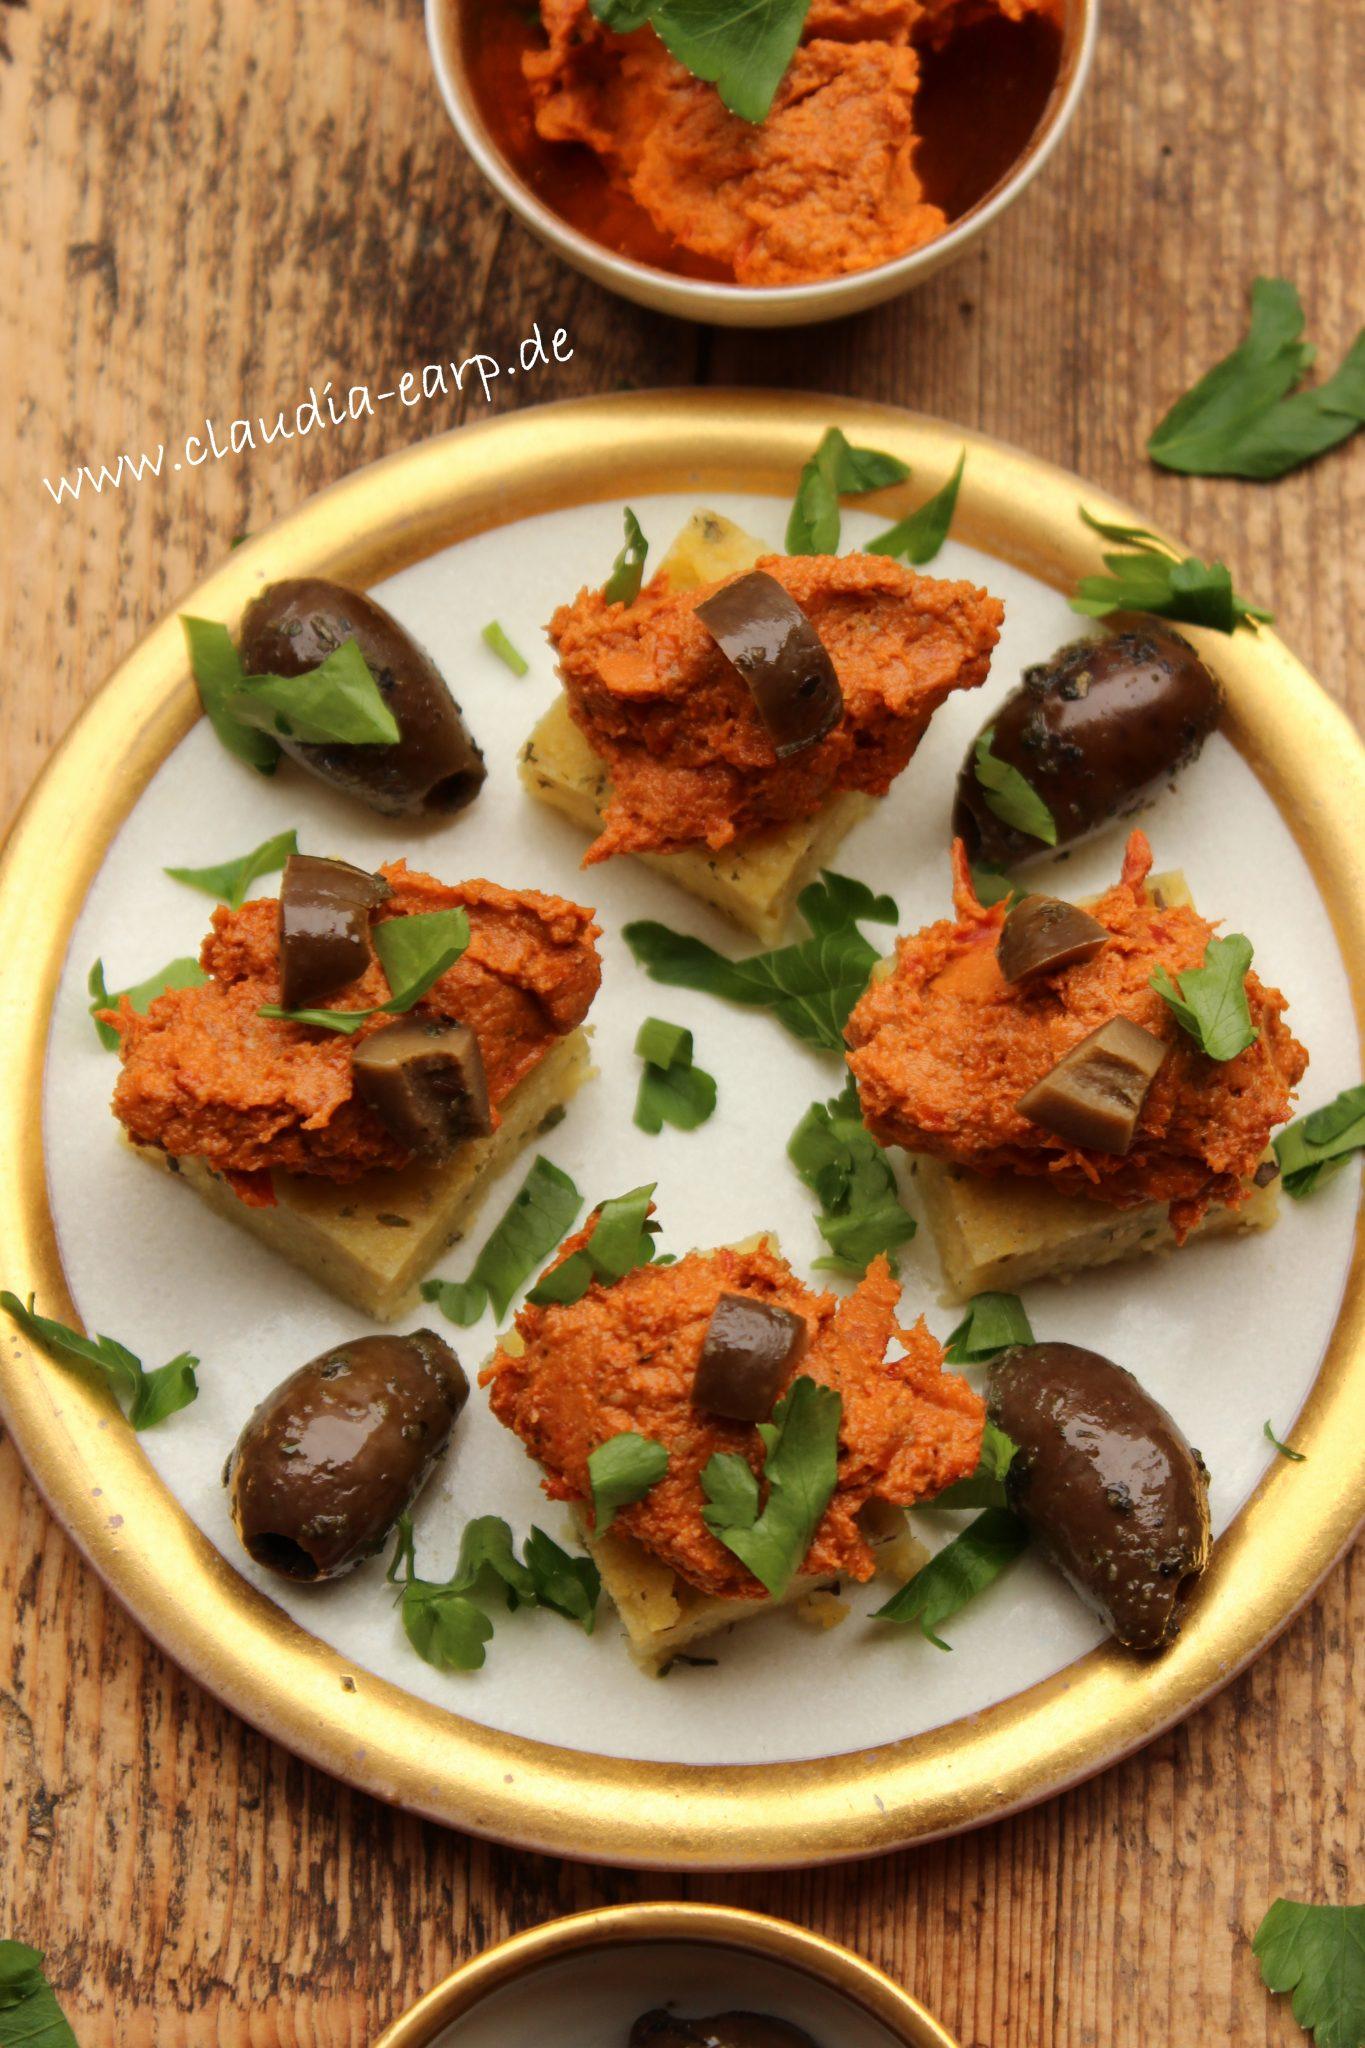 Polentaschnitten mit Tomaten-Walnuss-Tapenade